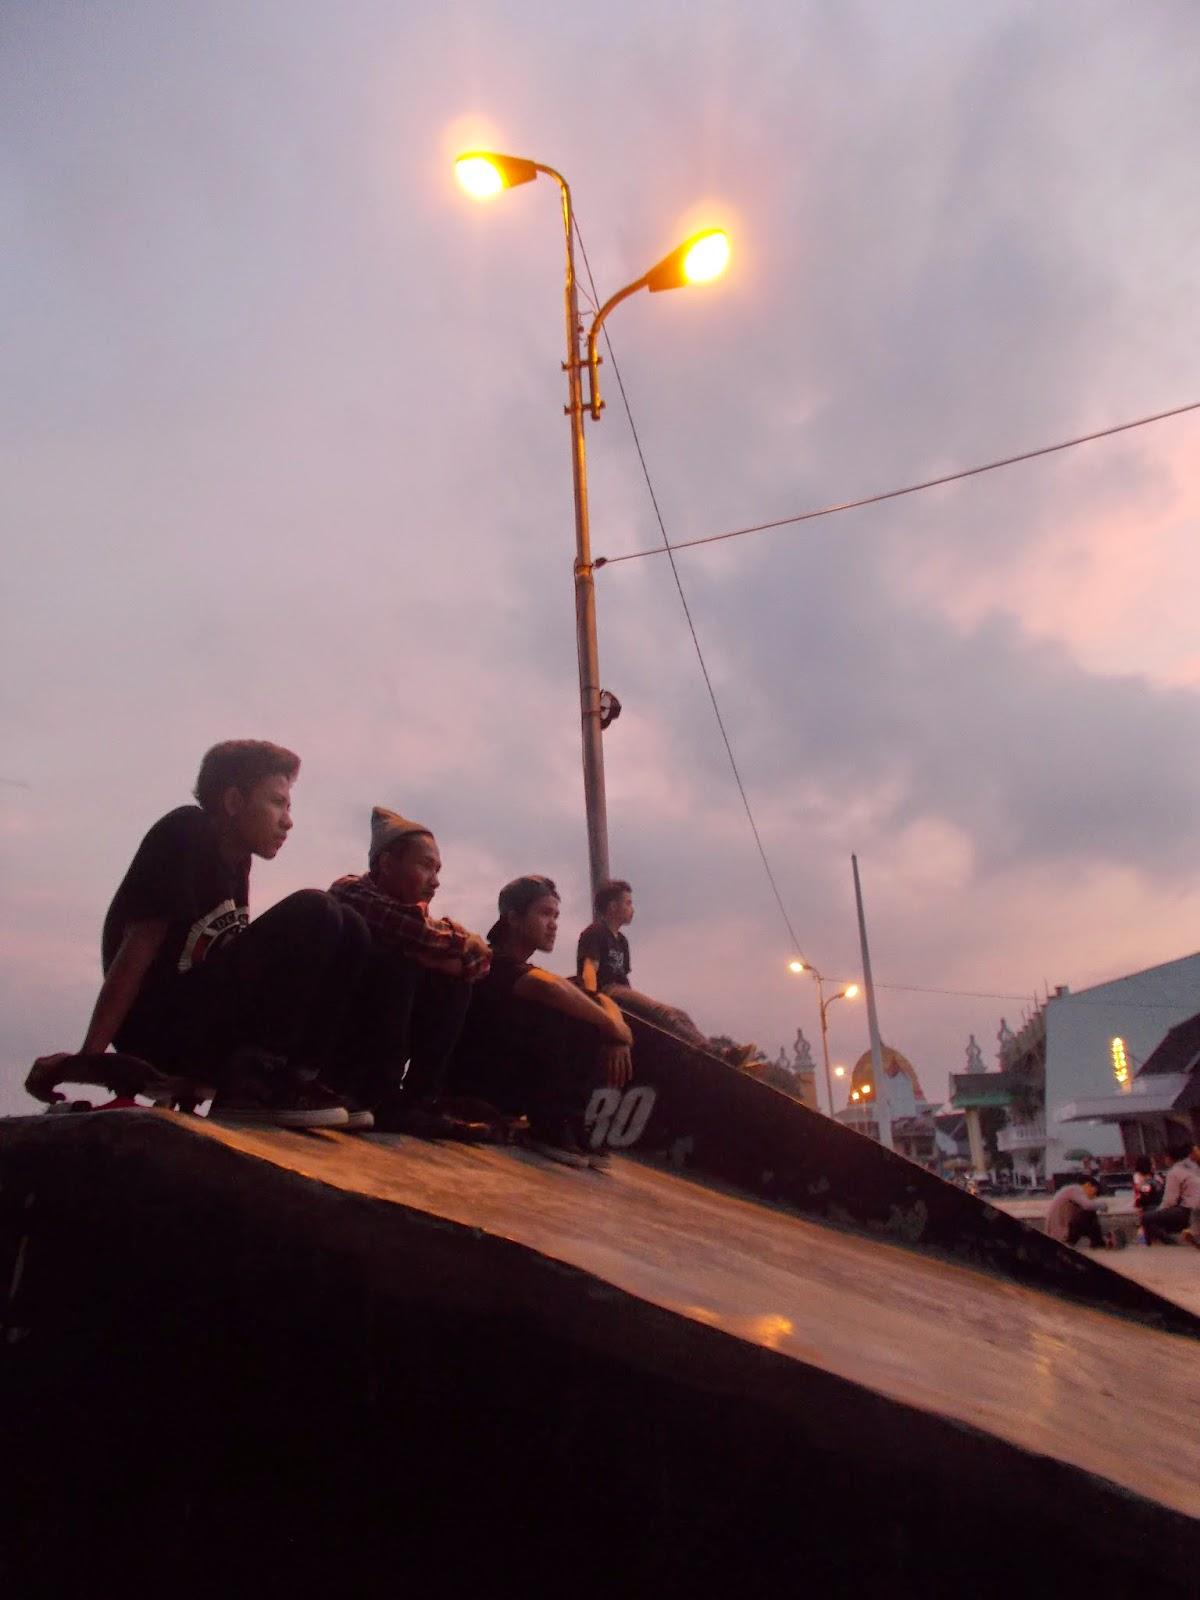 DSCN0845 Merdeka Skateboarding Team